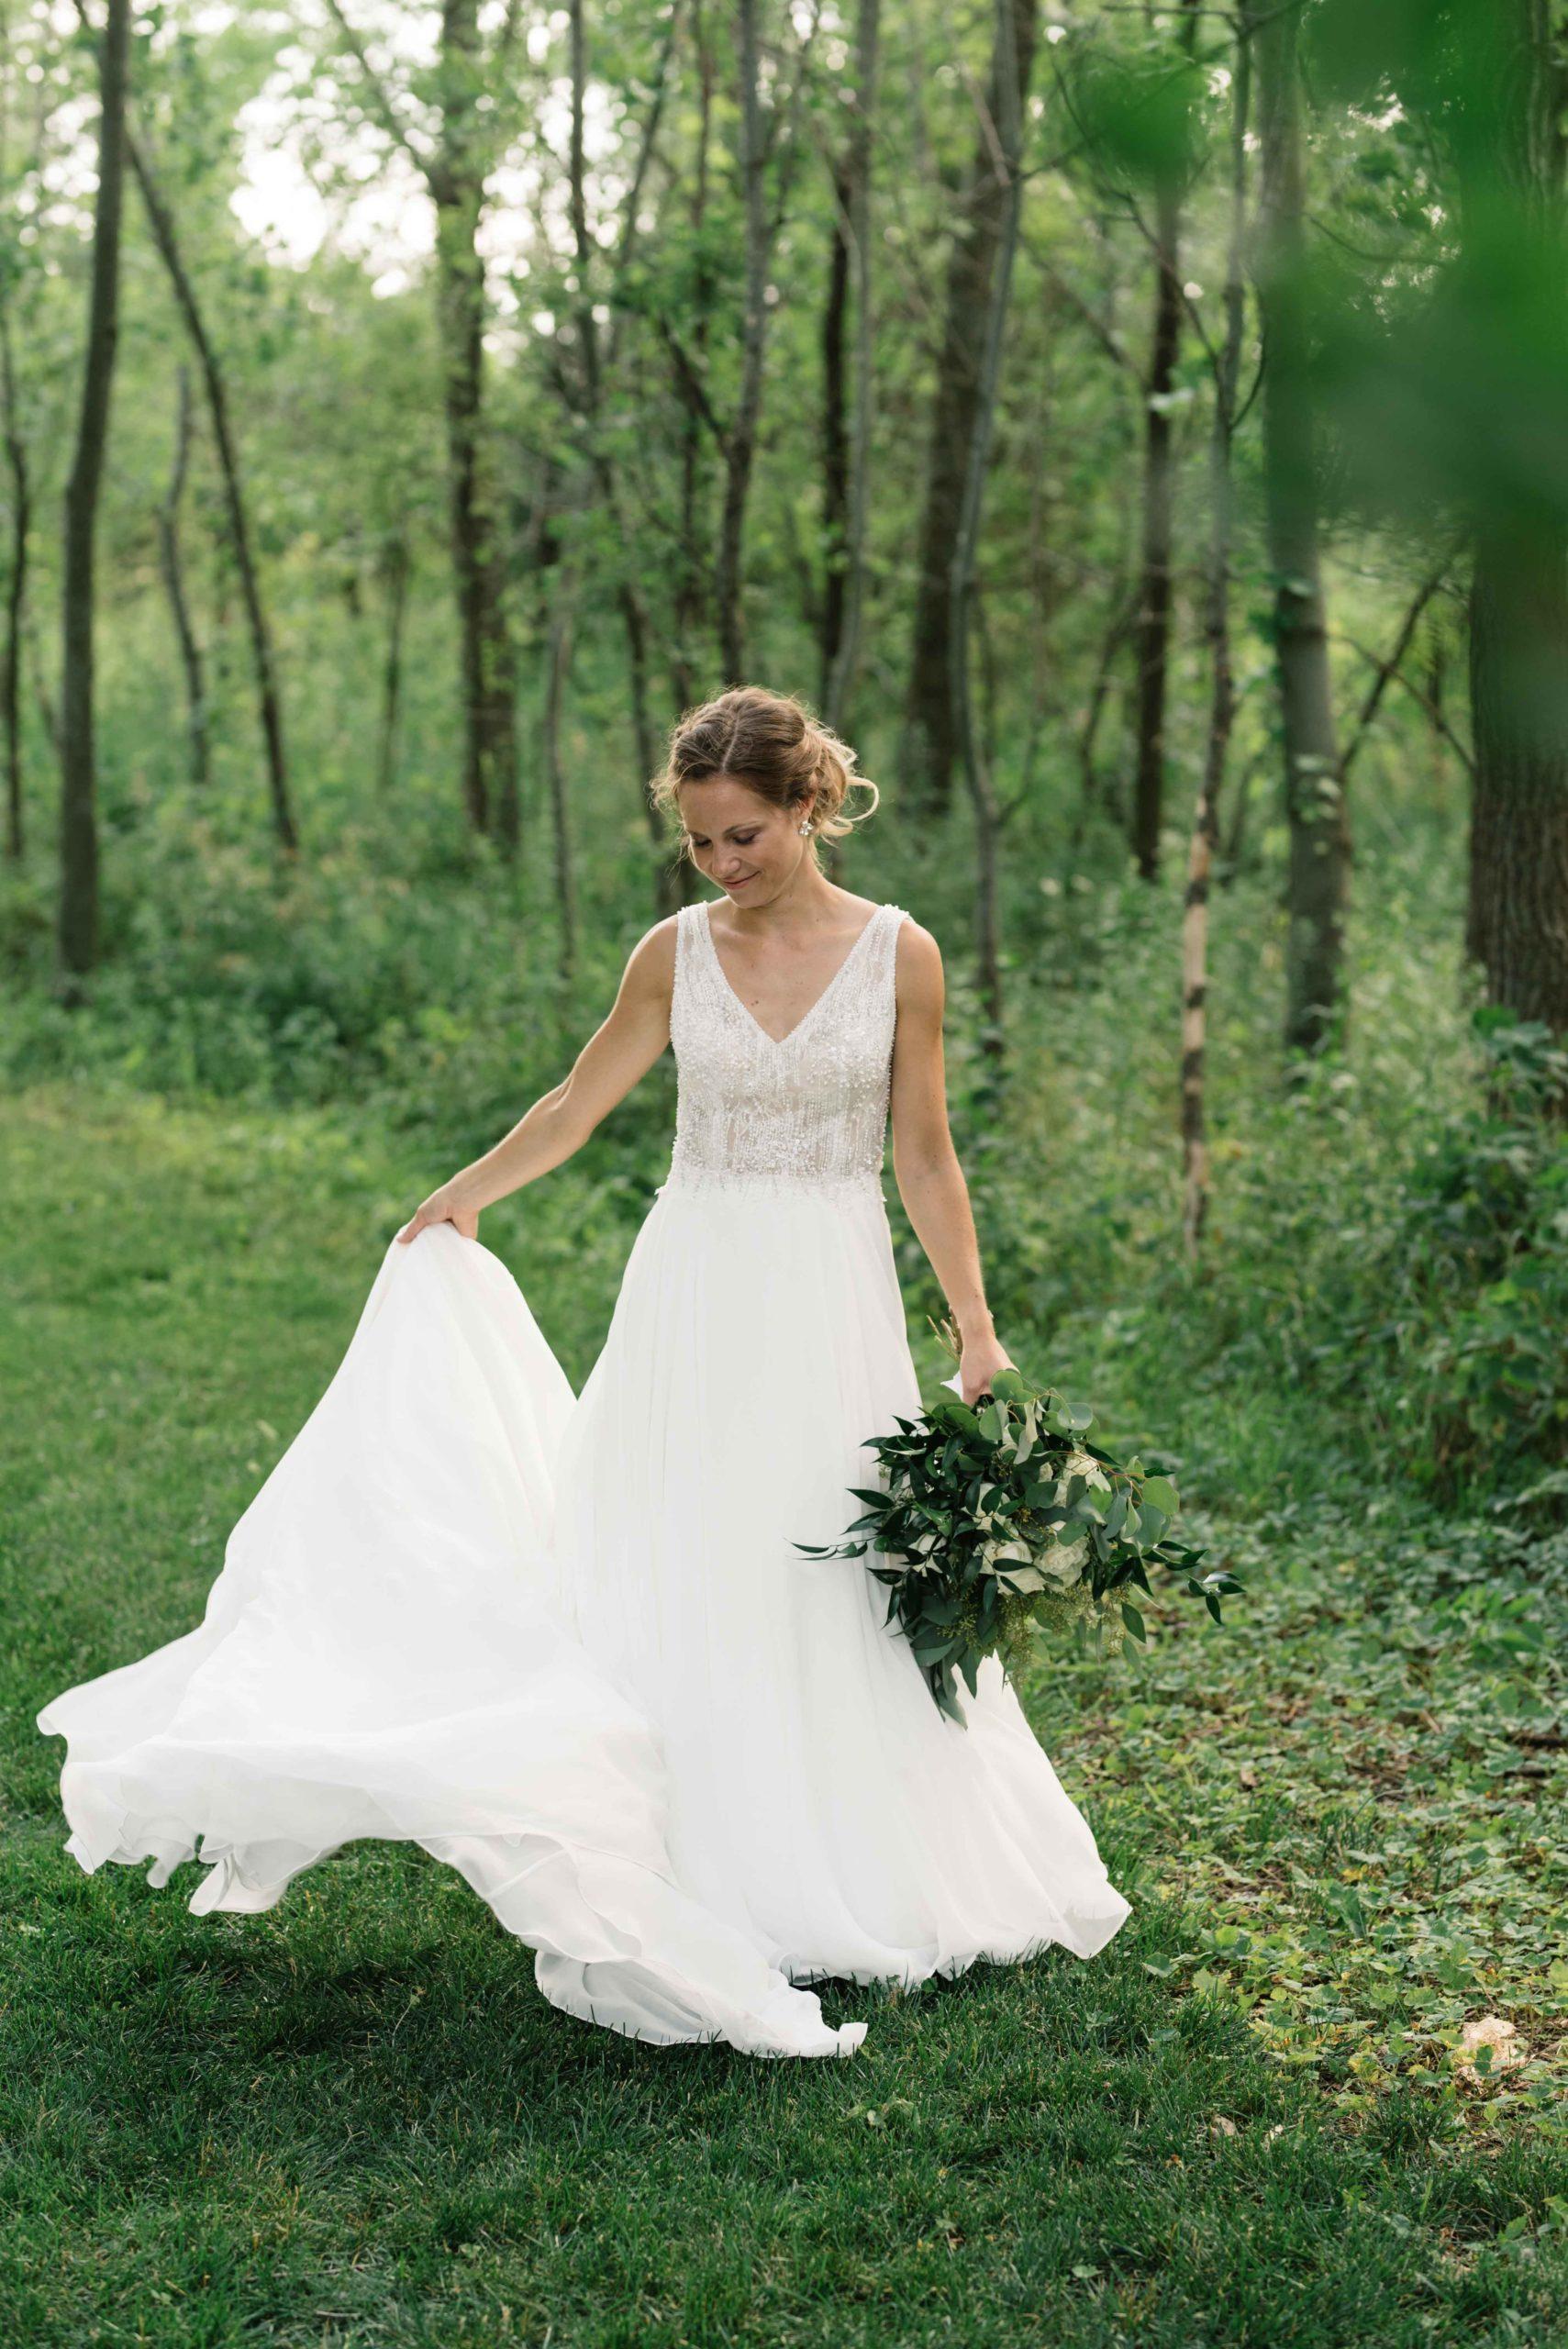 bride twirls in wedding dress under green trees schafer century barn wedding venue